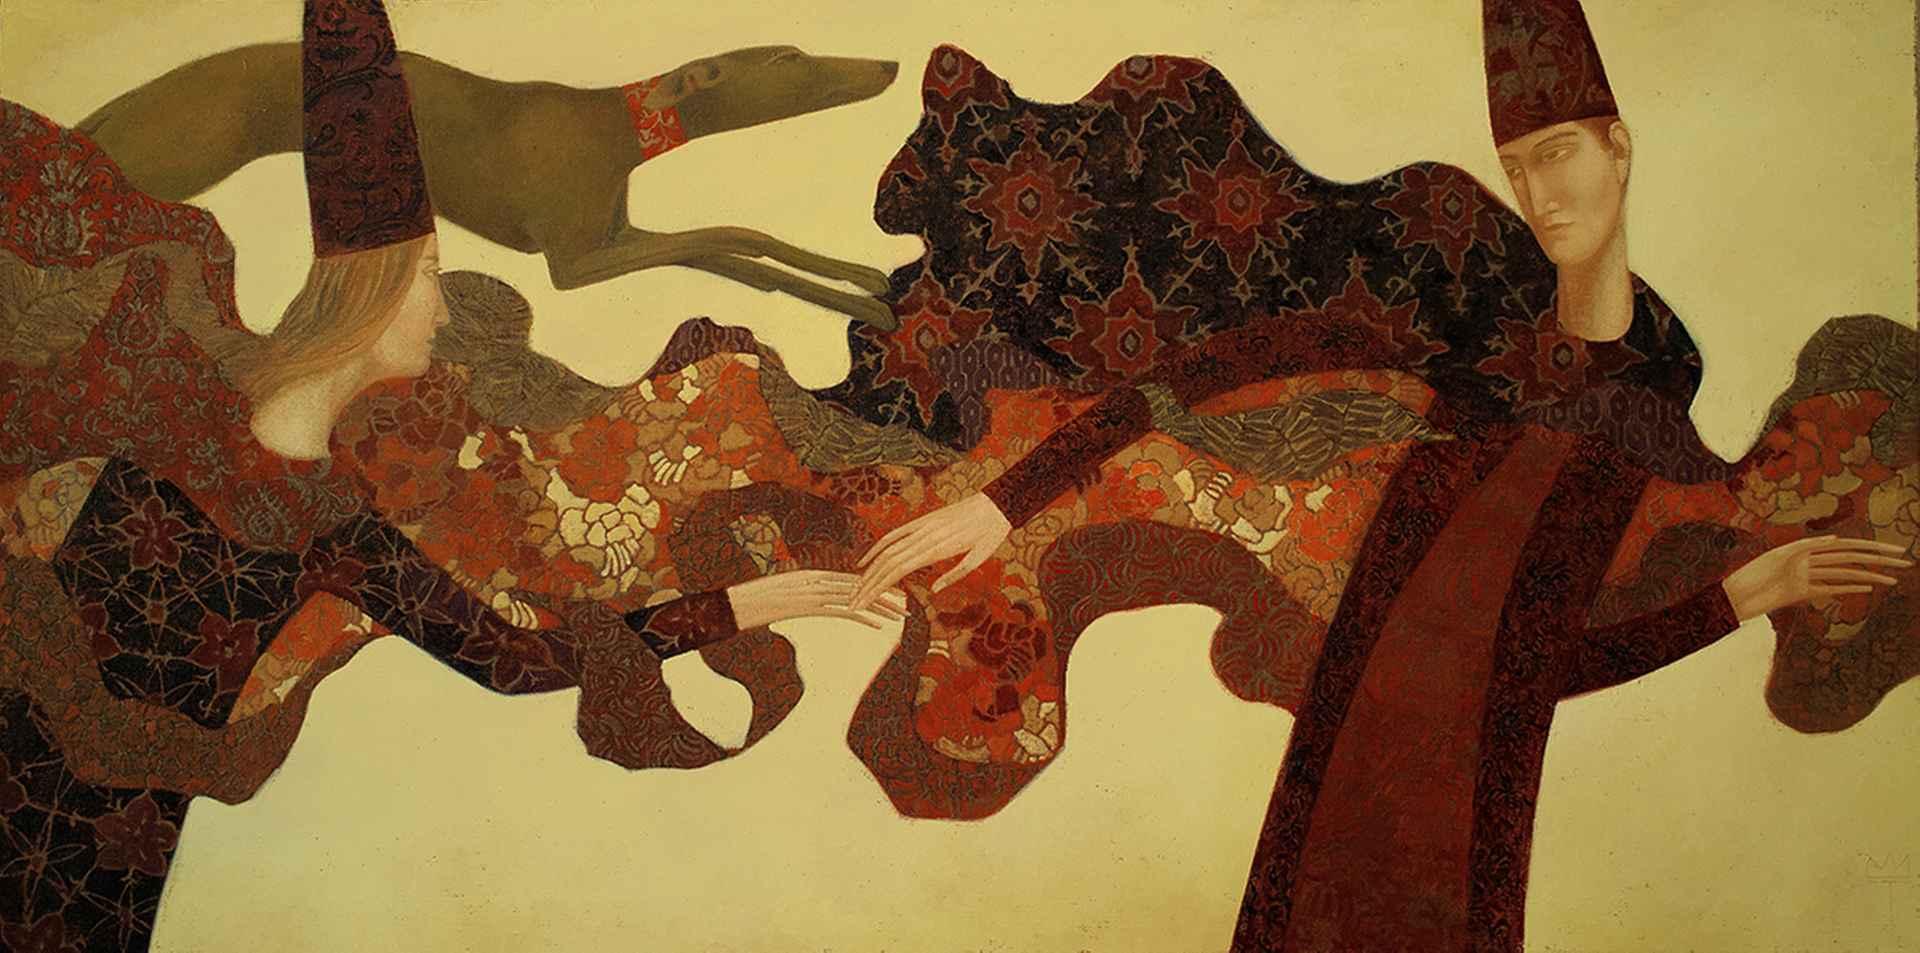 Tristan & Isolde by Timur D'Vatz